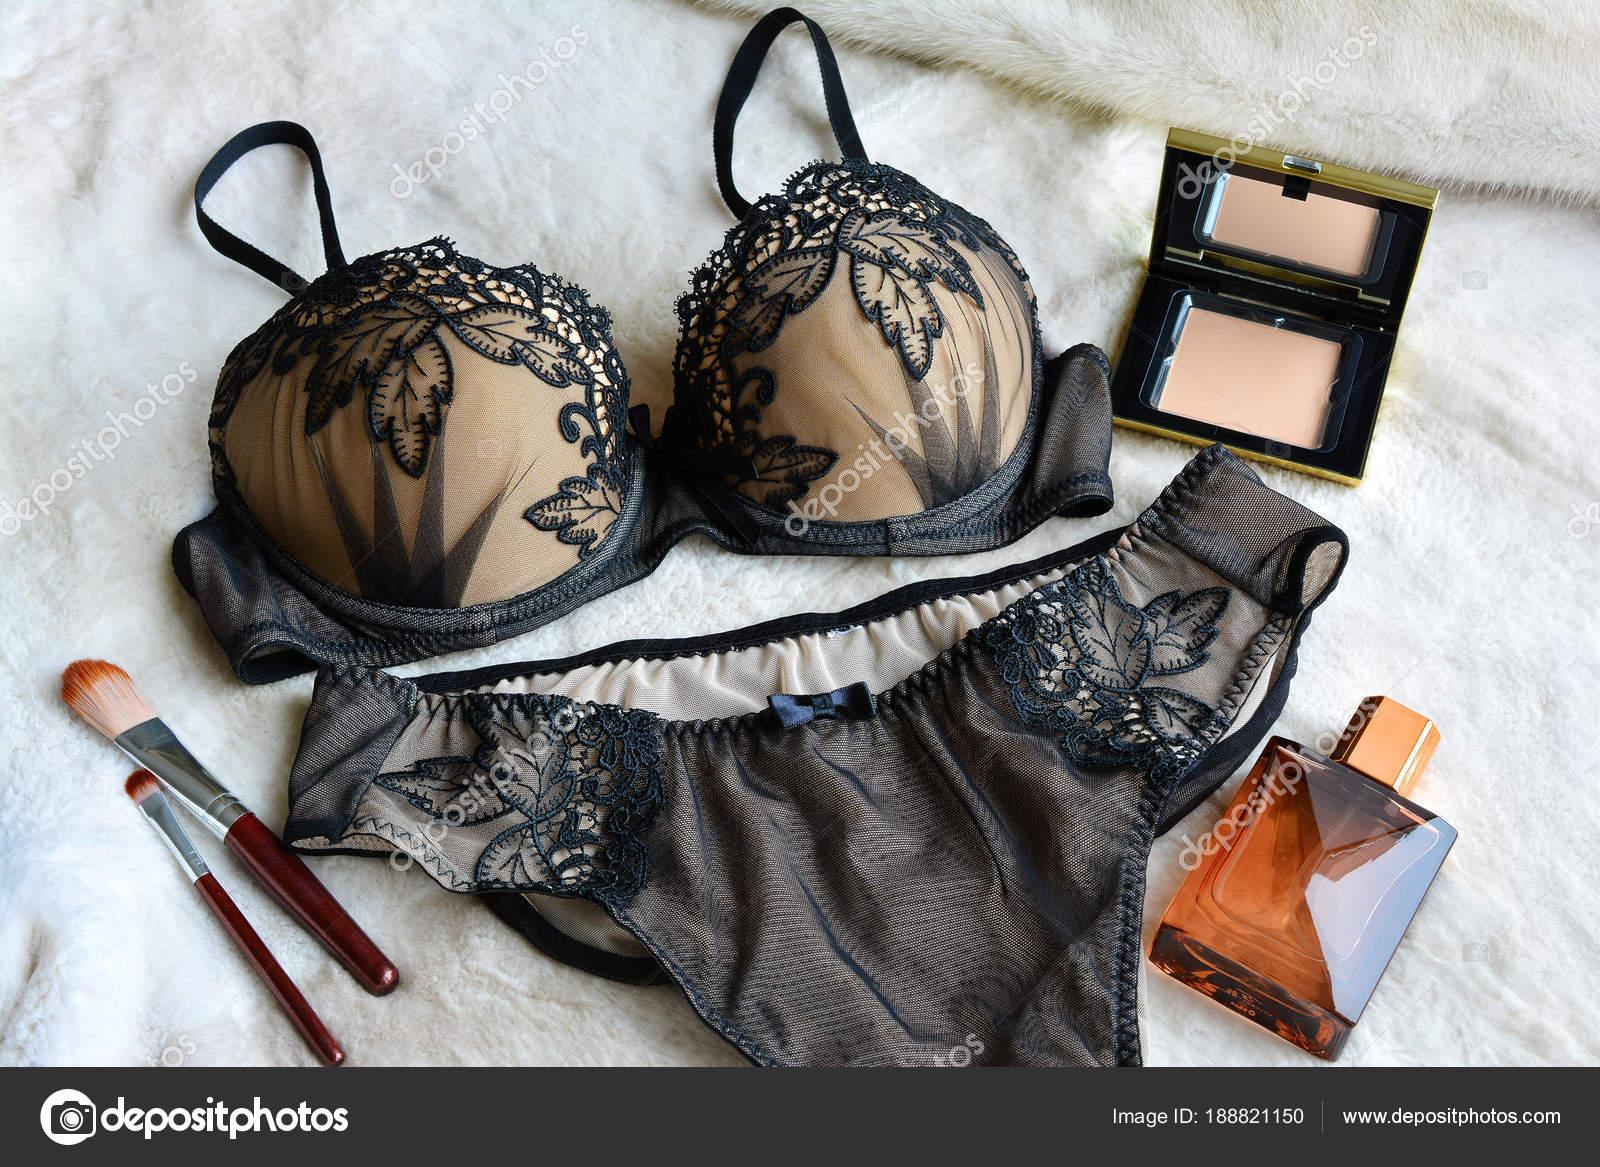 9312fb8b428 Γυναικών δαντέλα σέξι εσώρουχα είναι μαύρο χρώμα: σουτιέν και την ...